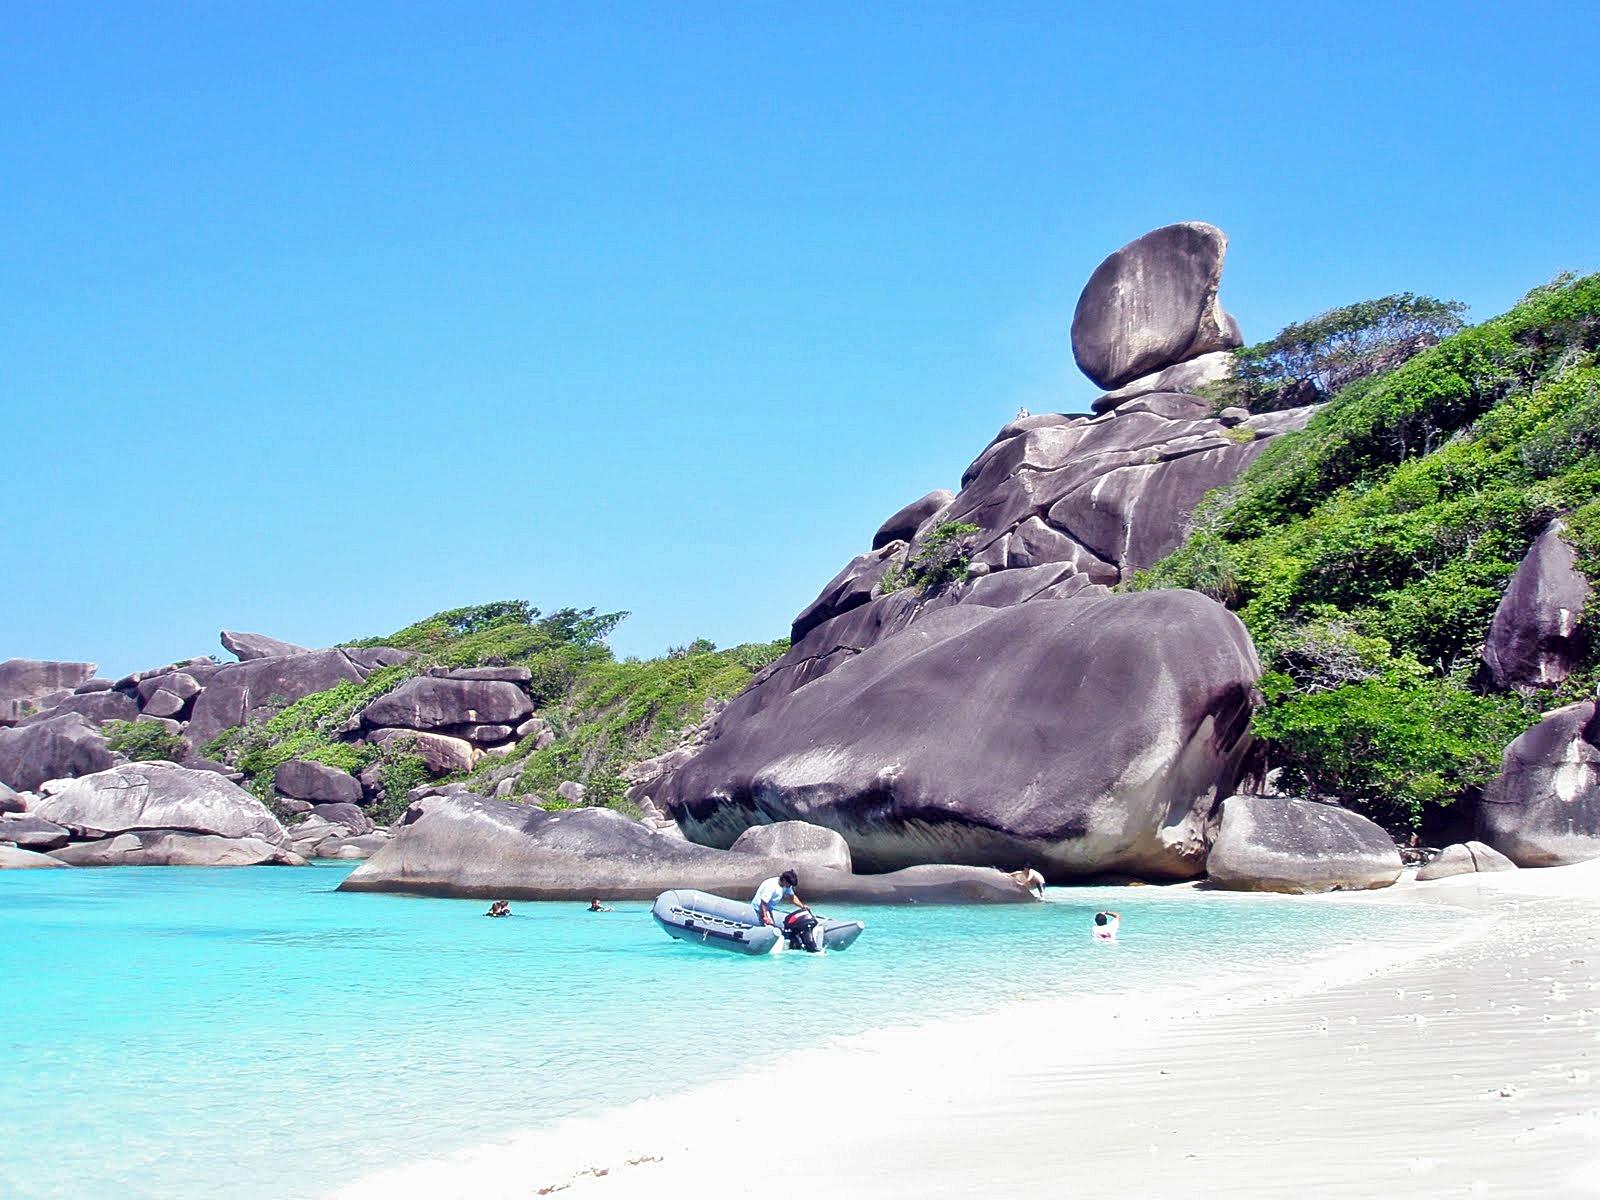 الجزر السياحيه في تايلاند